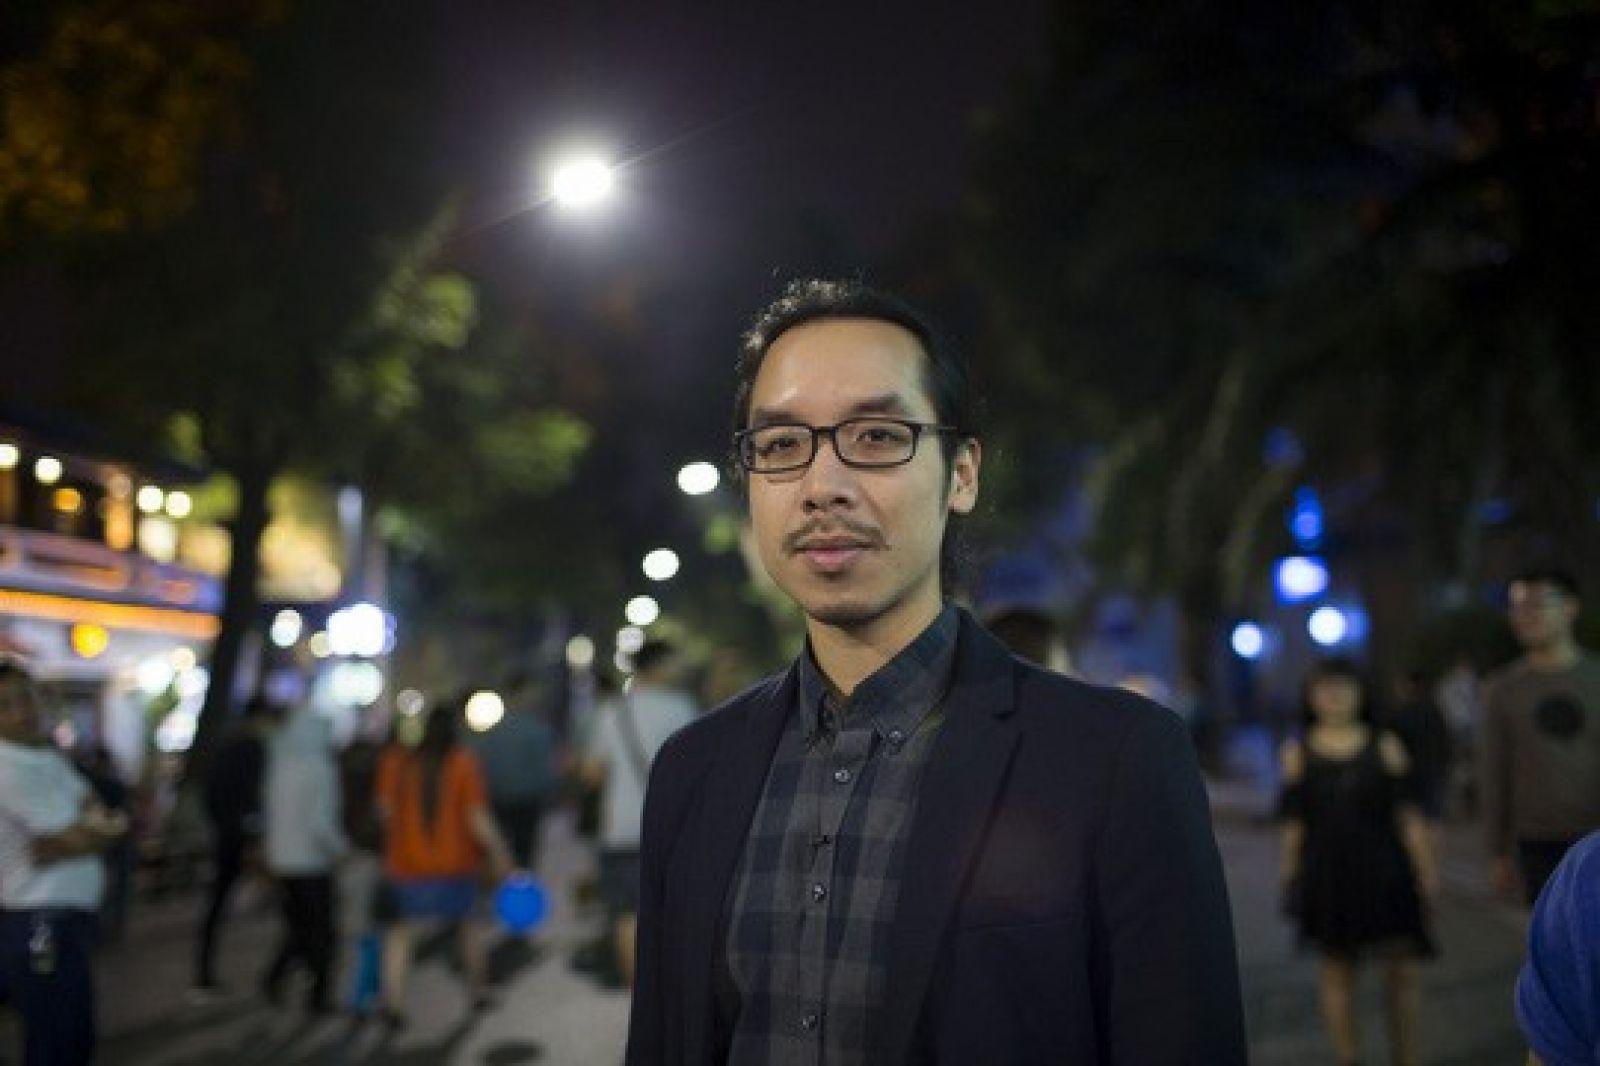 Daniel Nguyễn Hoài Tiến trong một lần tham quan, tìm hiểu văn hóa Hà Nội Ảnh: Hoàng Linh